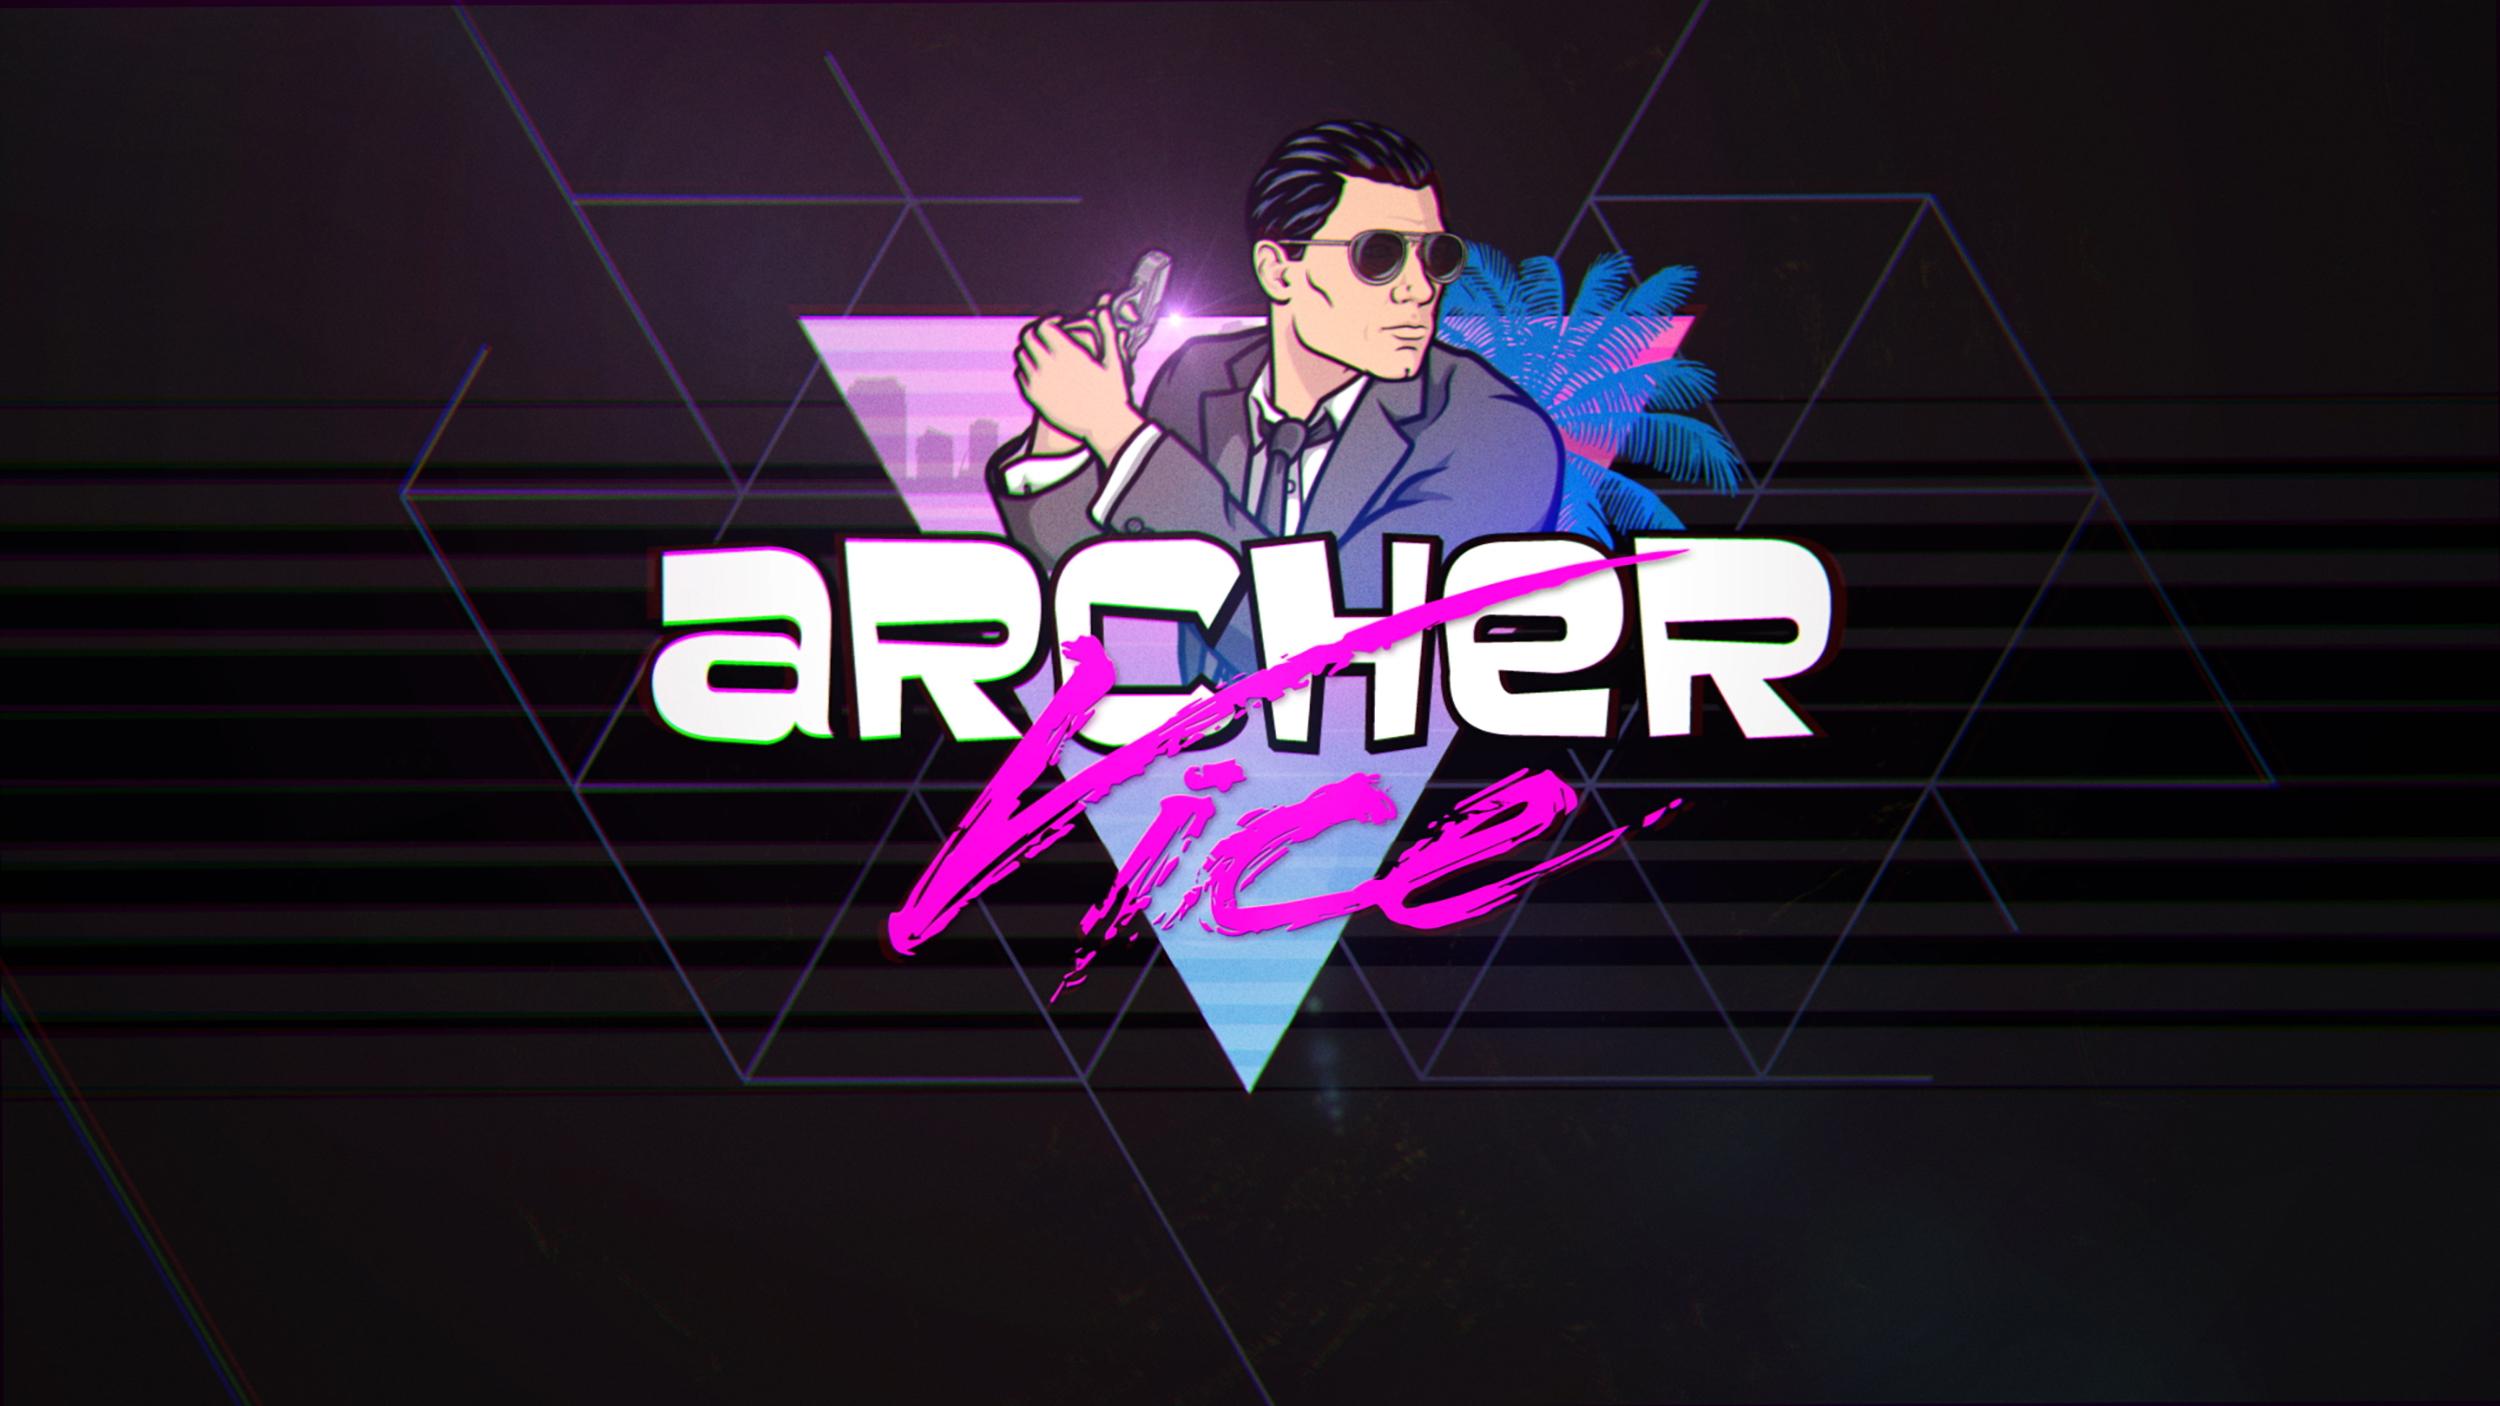 ArcherS5_Launch_IDs_10_00202.jpg